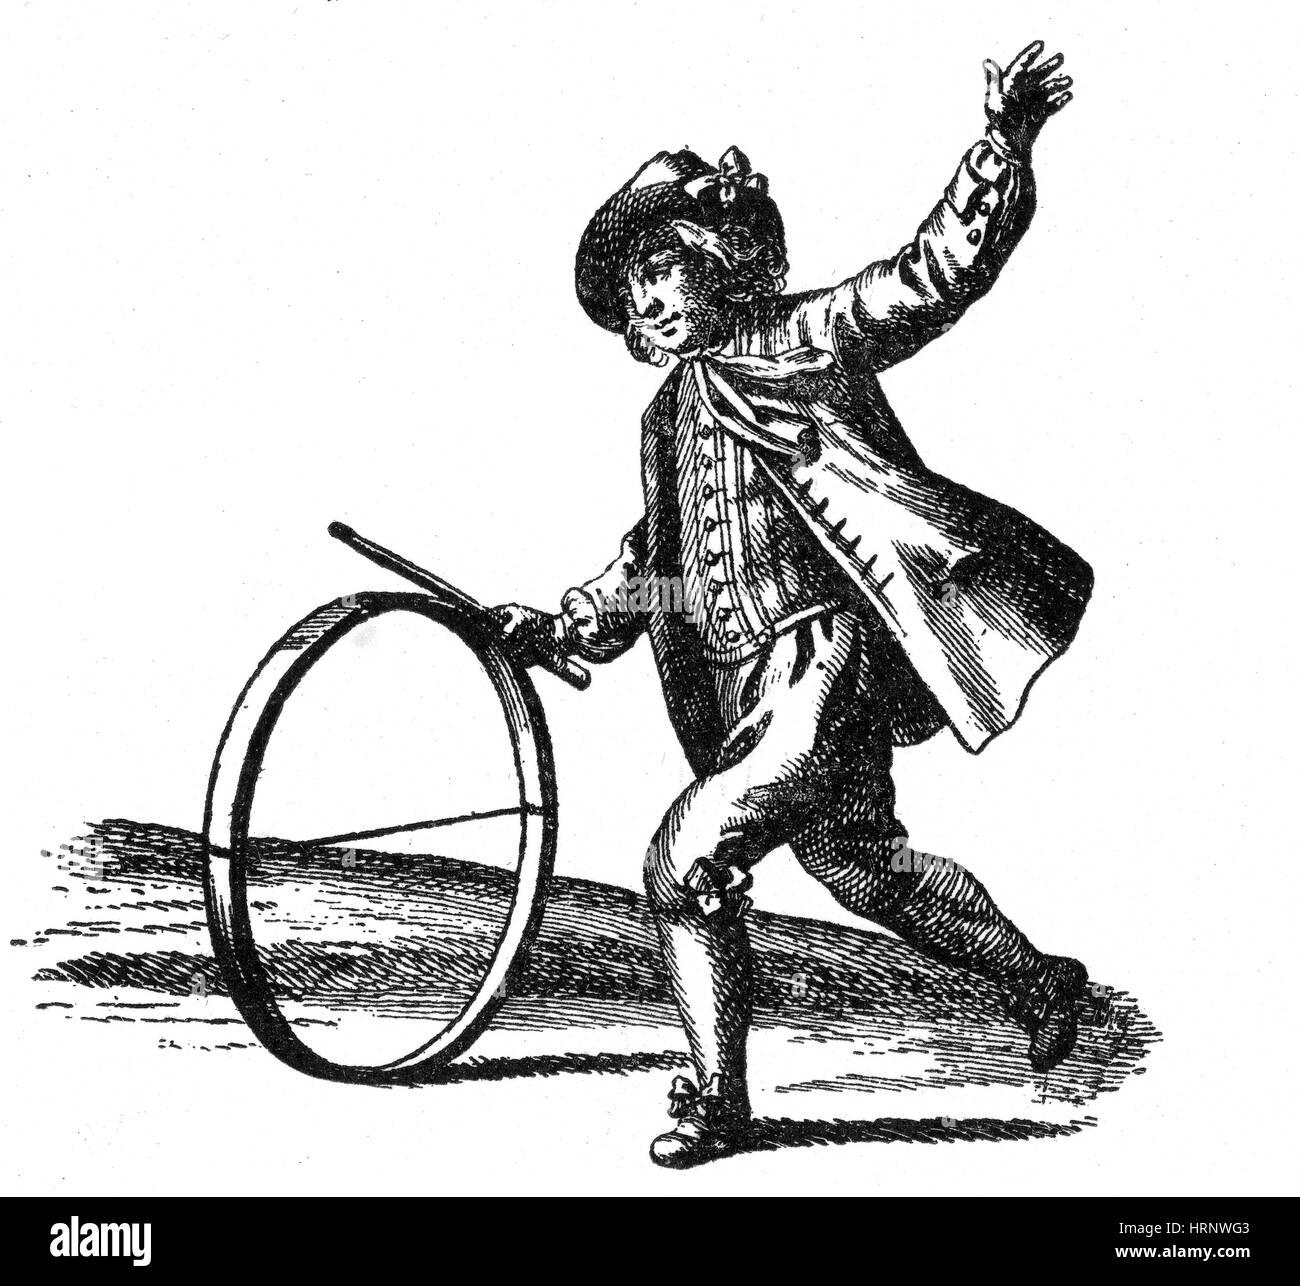 Le Jeu du Cerceau, Hoop Rolling, 18th Century - Stock Image